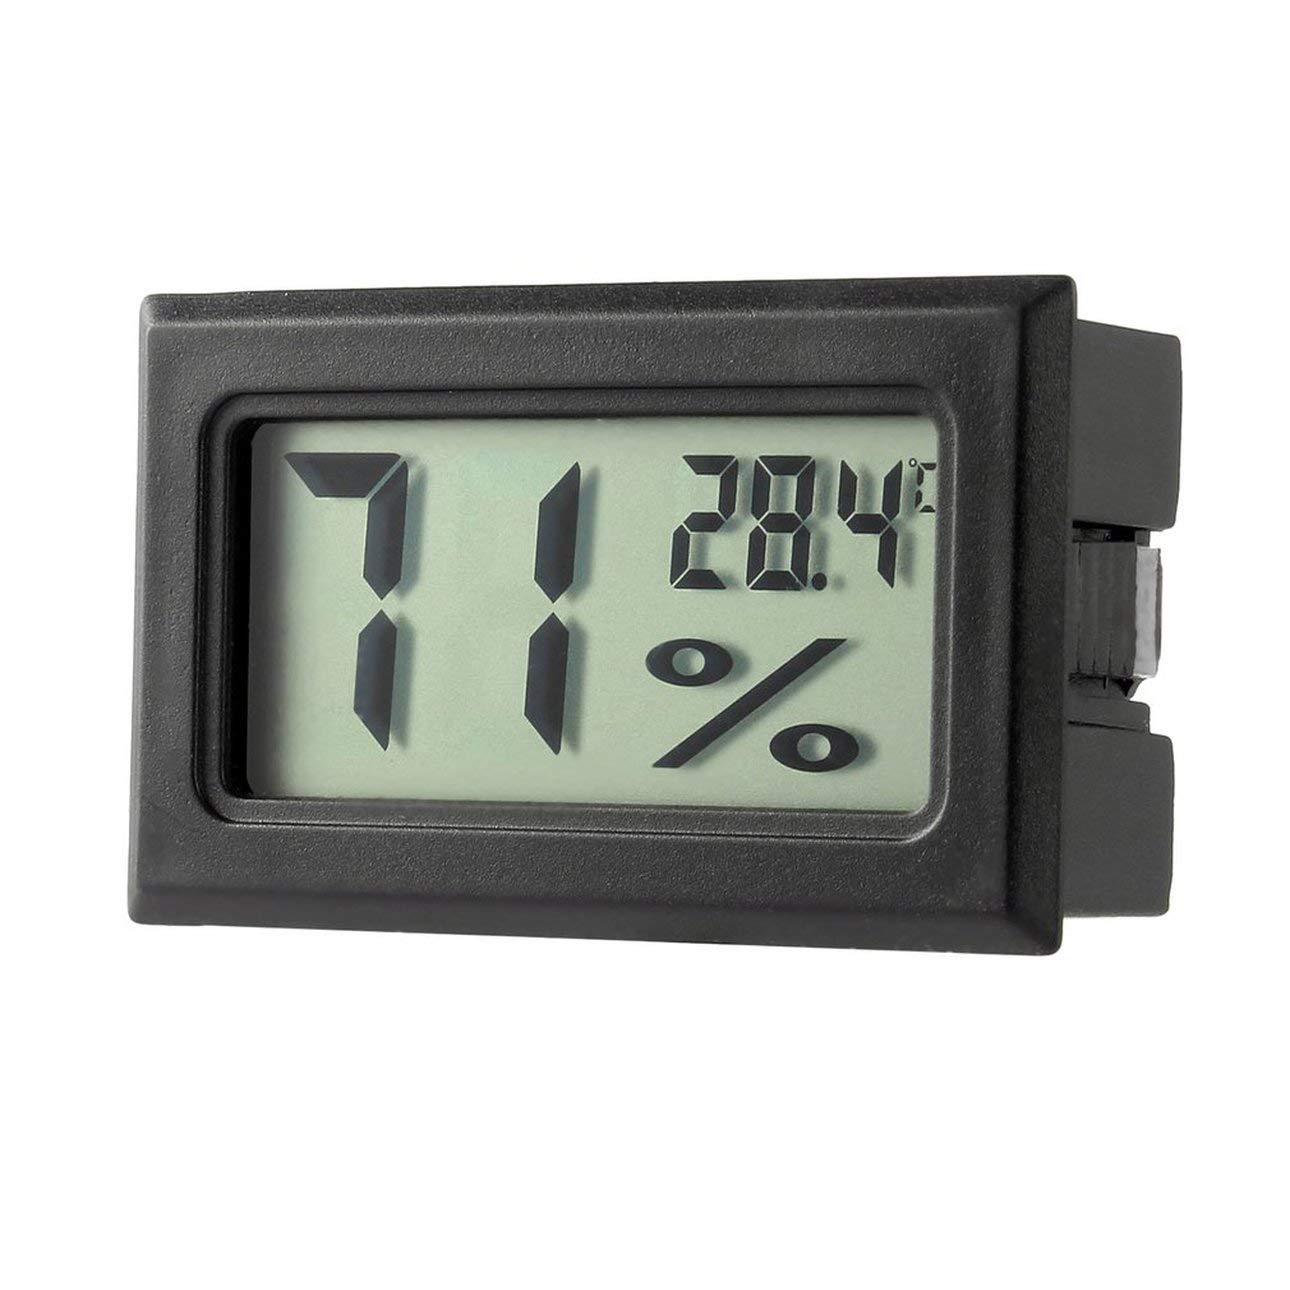 Liobaba Mini Digital LCD Thermometer Hygrometer Humidity Temperature Meter Indoor Digital LCD Display Sensor